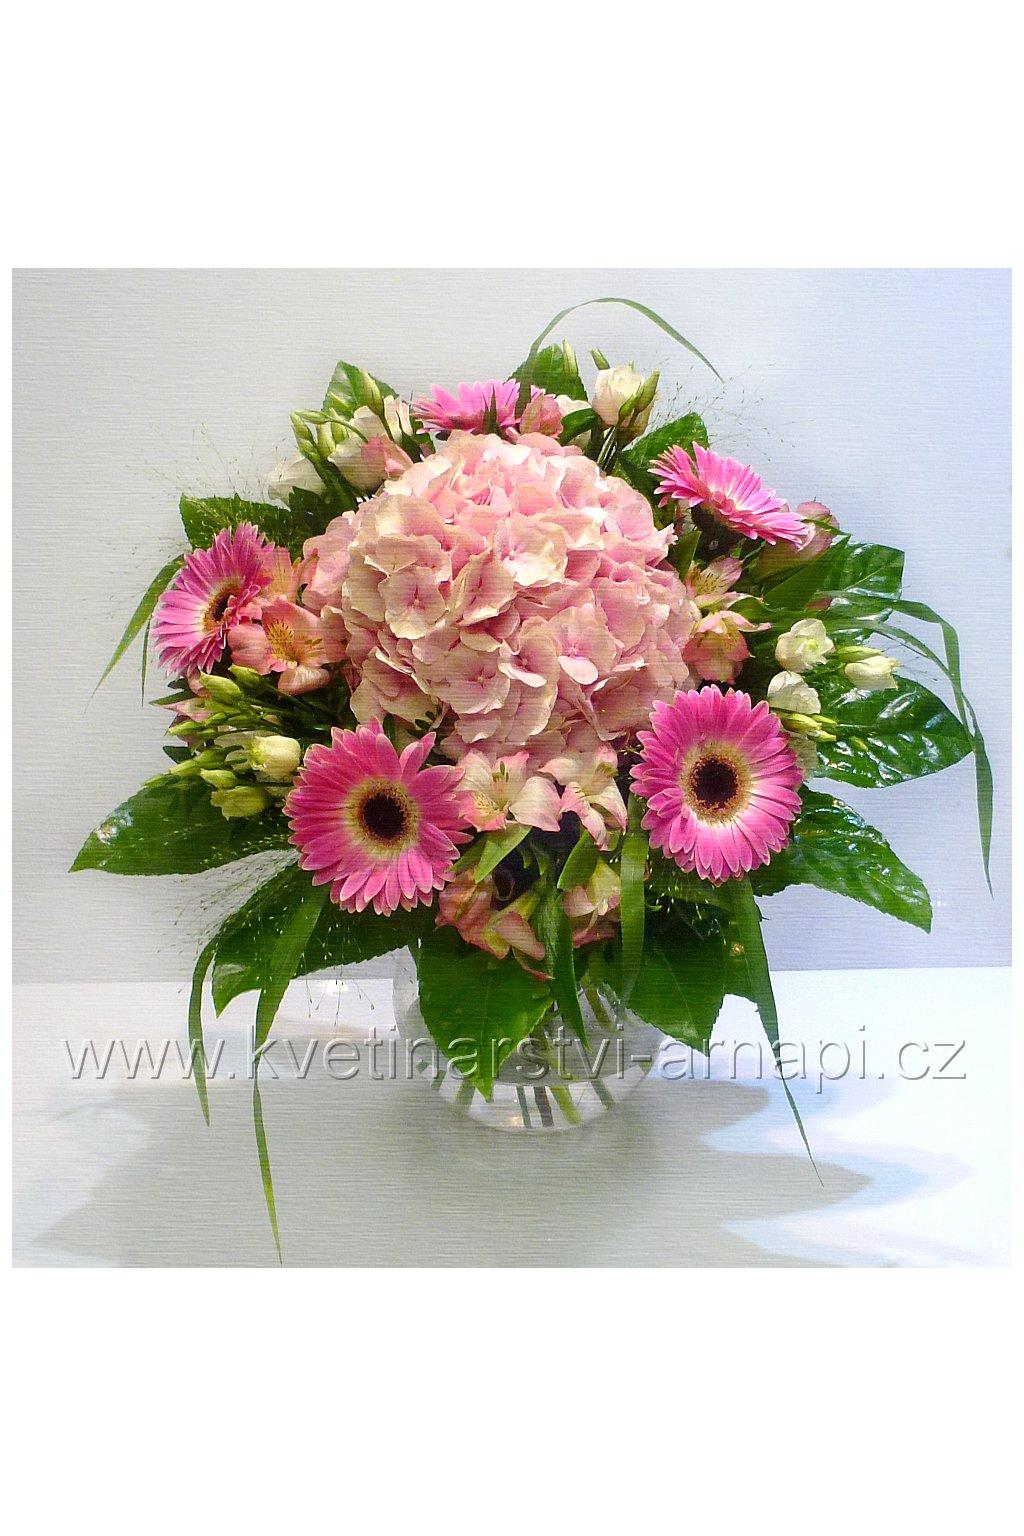 kytice kvetiny online prodej hortenzie kvetinarstvi arnapi